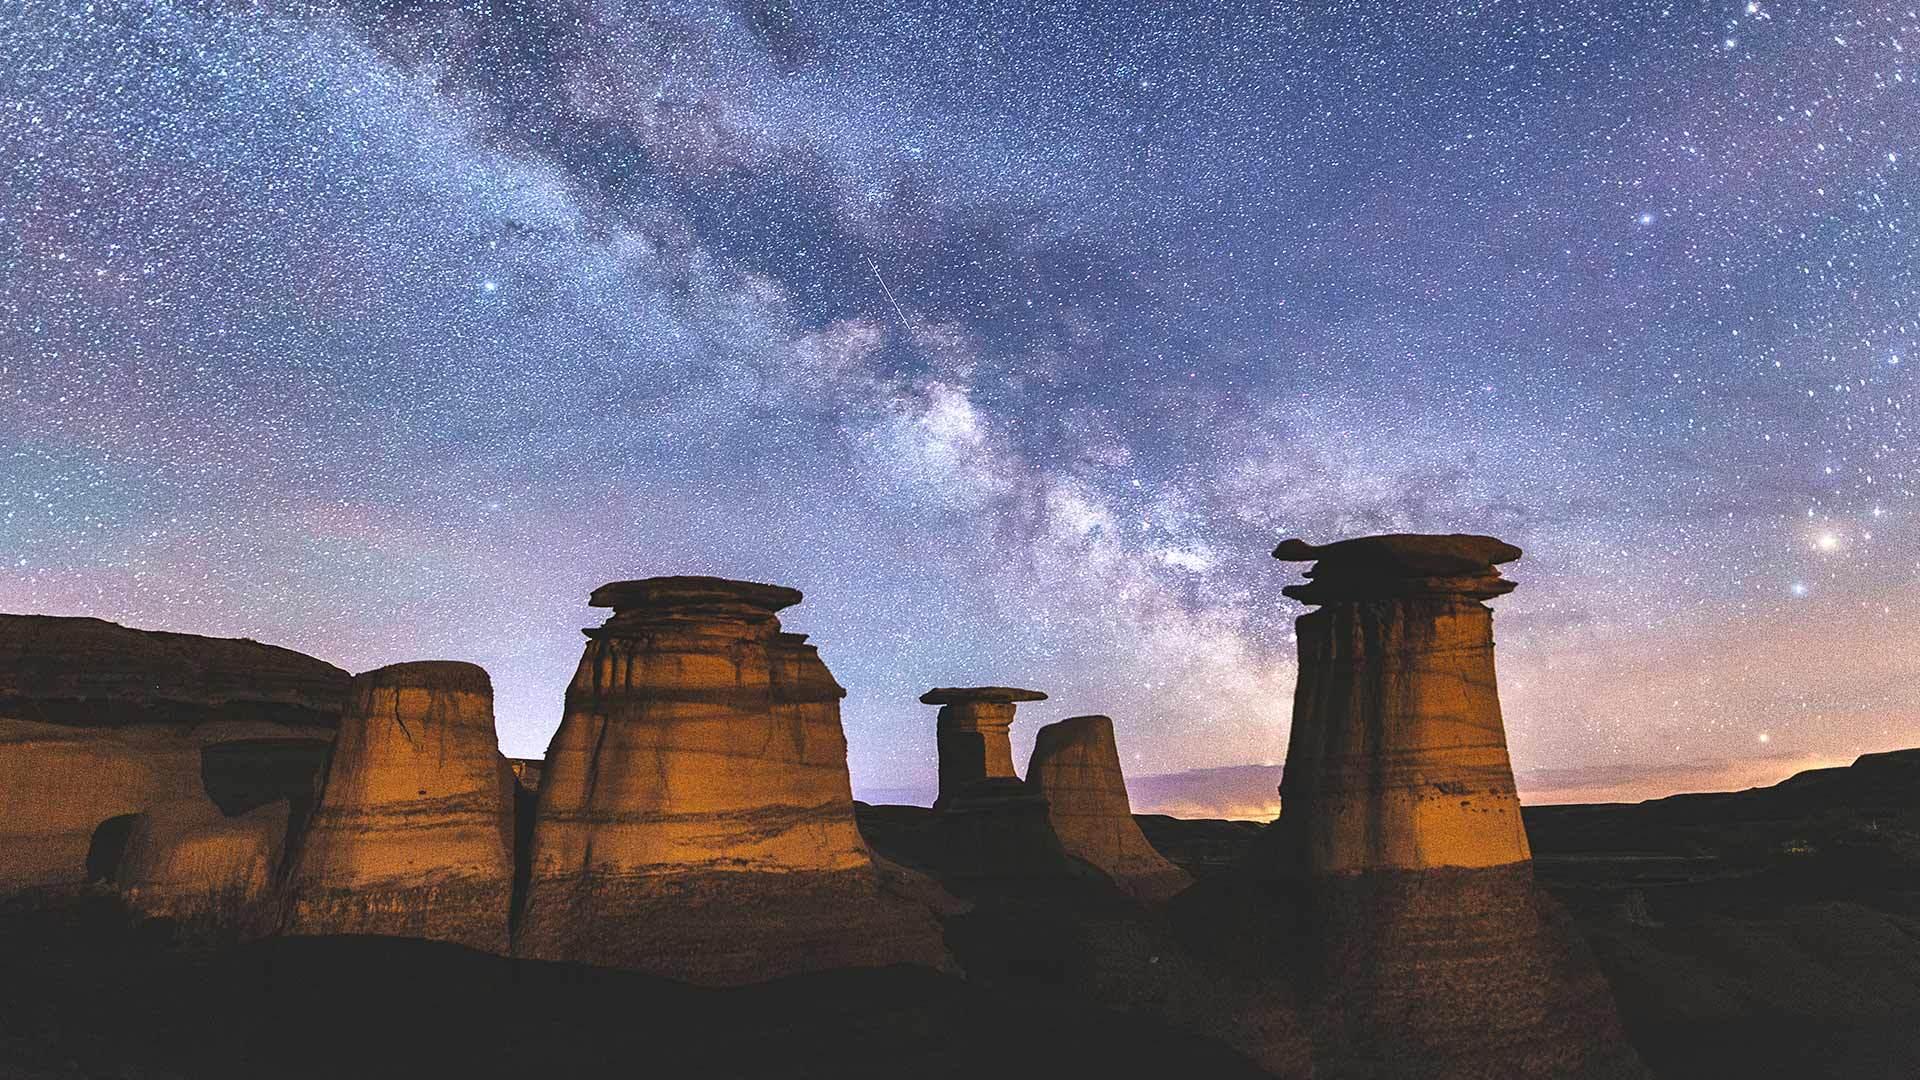 加拿大恶地里石窟上方的银河银河